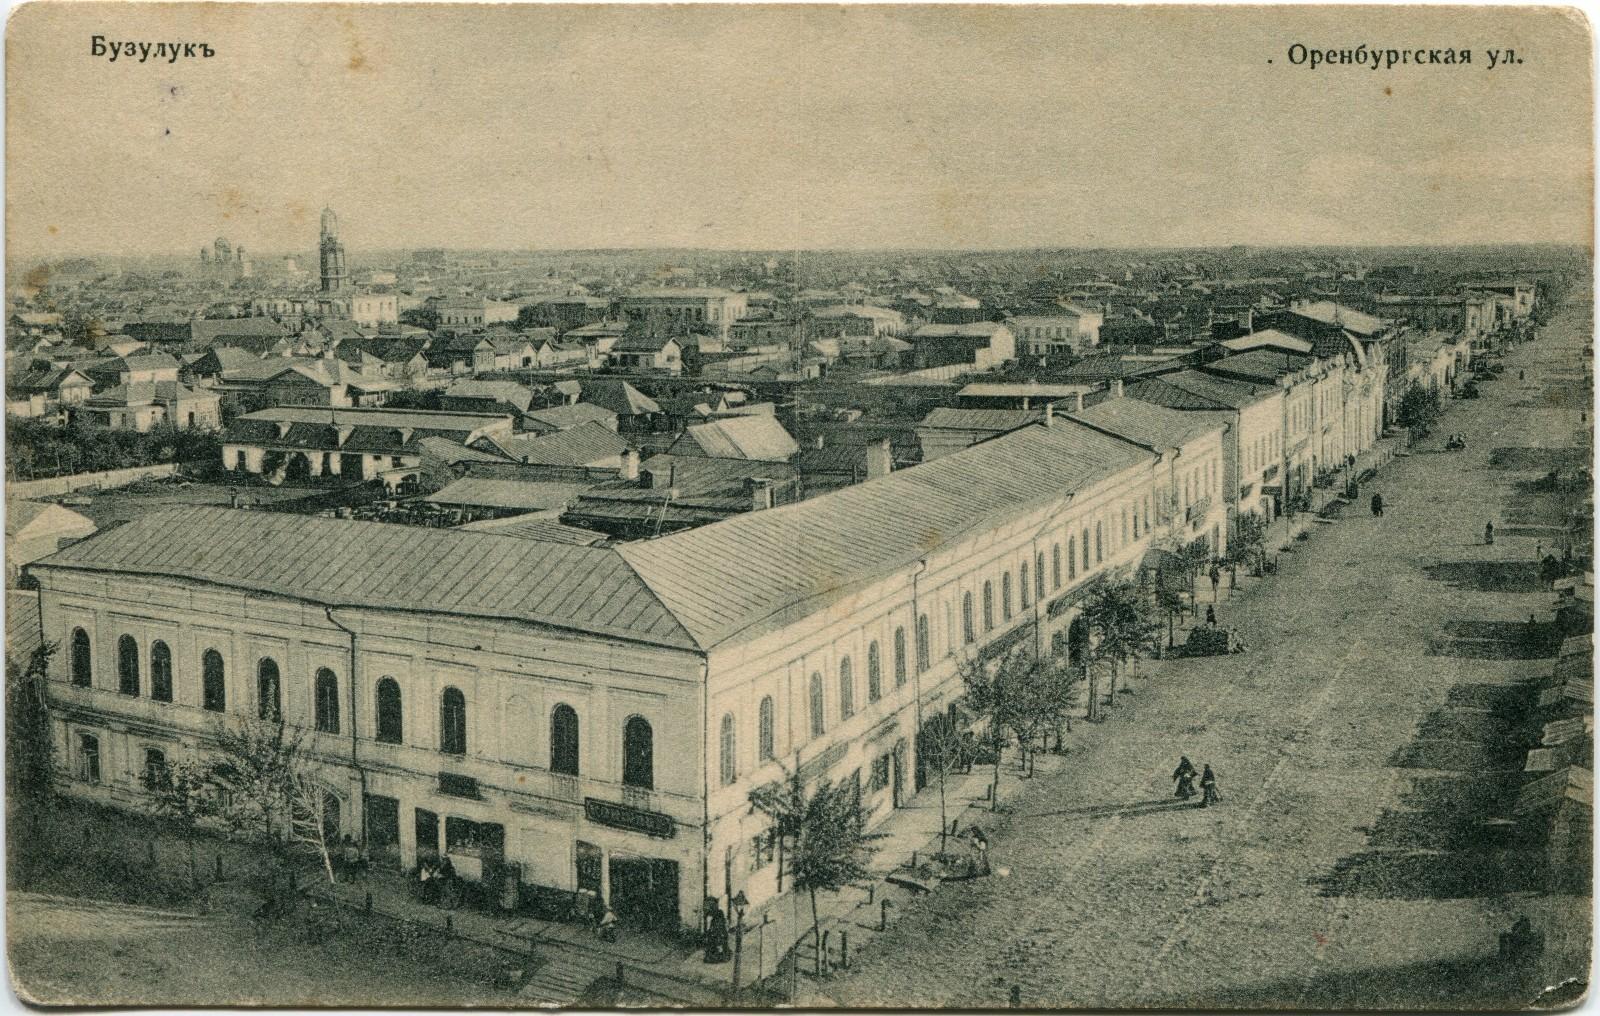 фото бузулук и его старые улицы первом